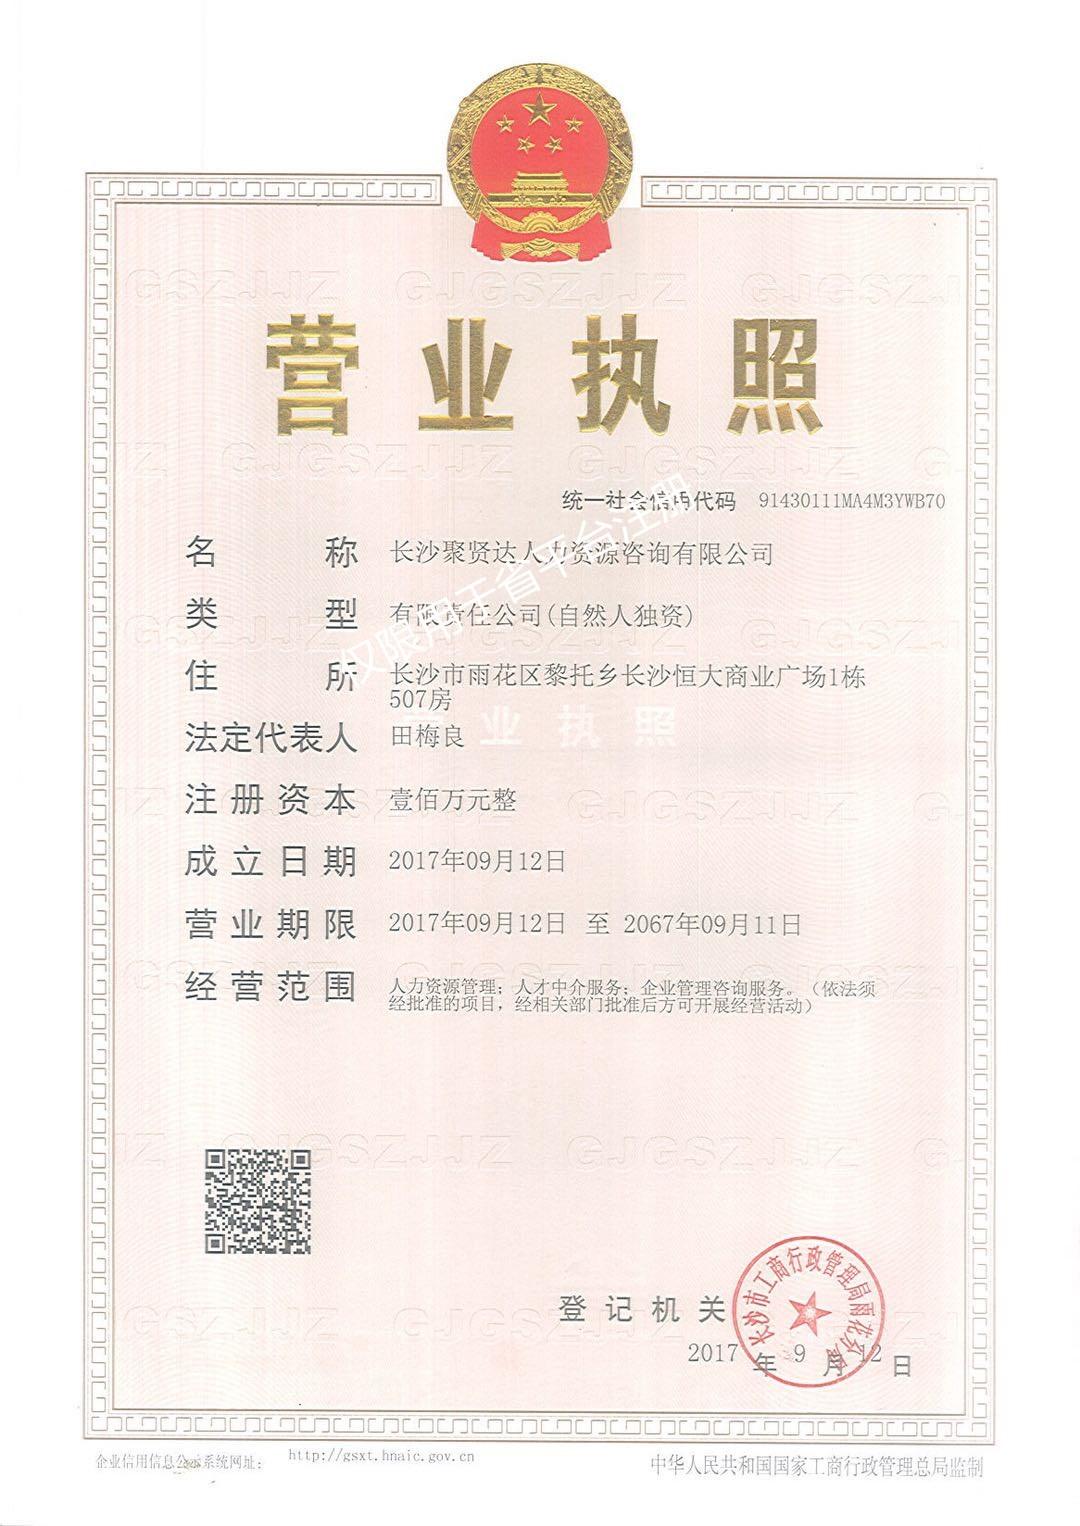 长沙聚贤达人力资源咨询有限公司